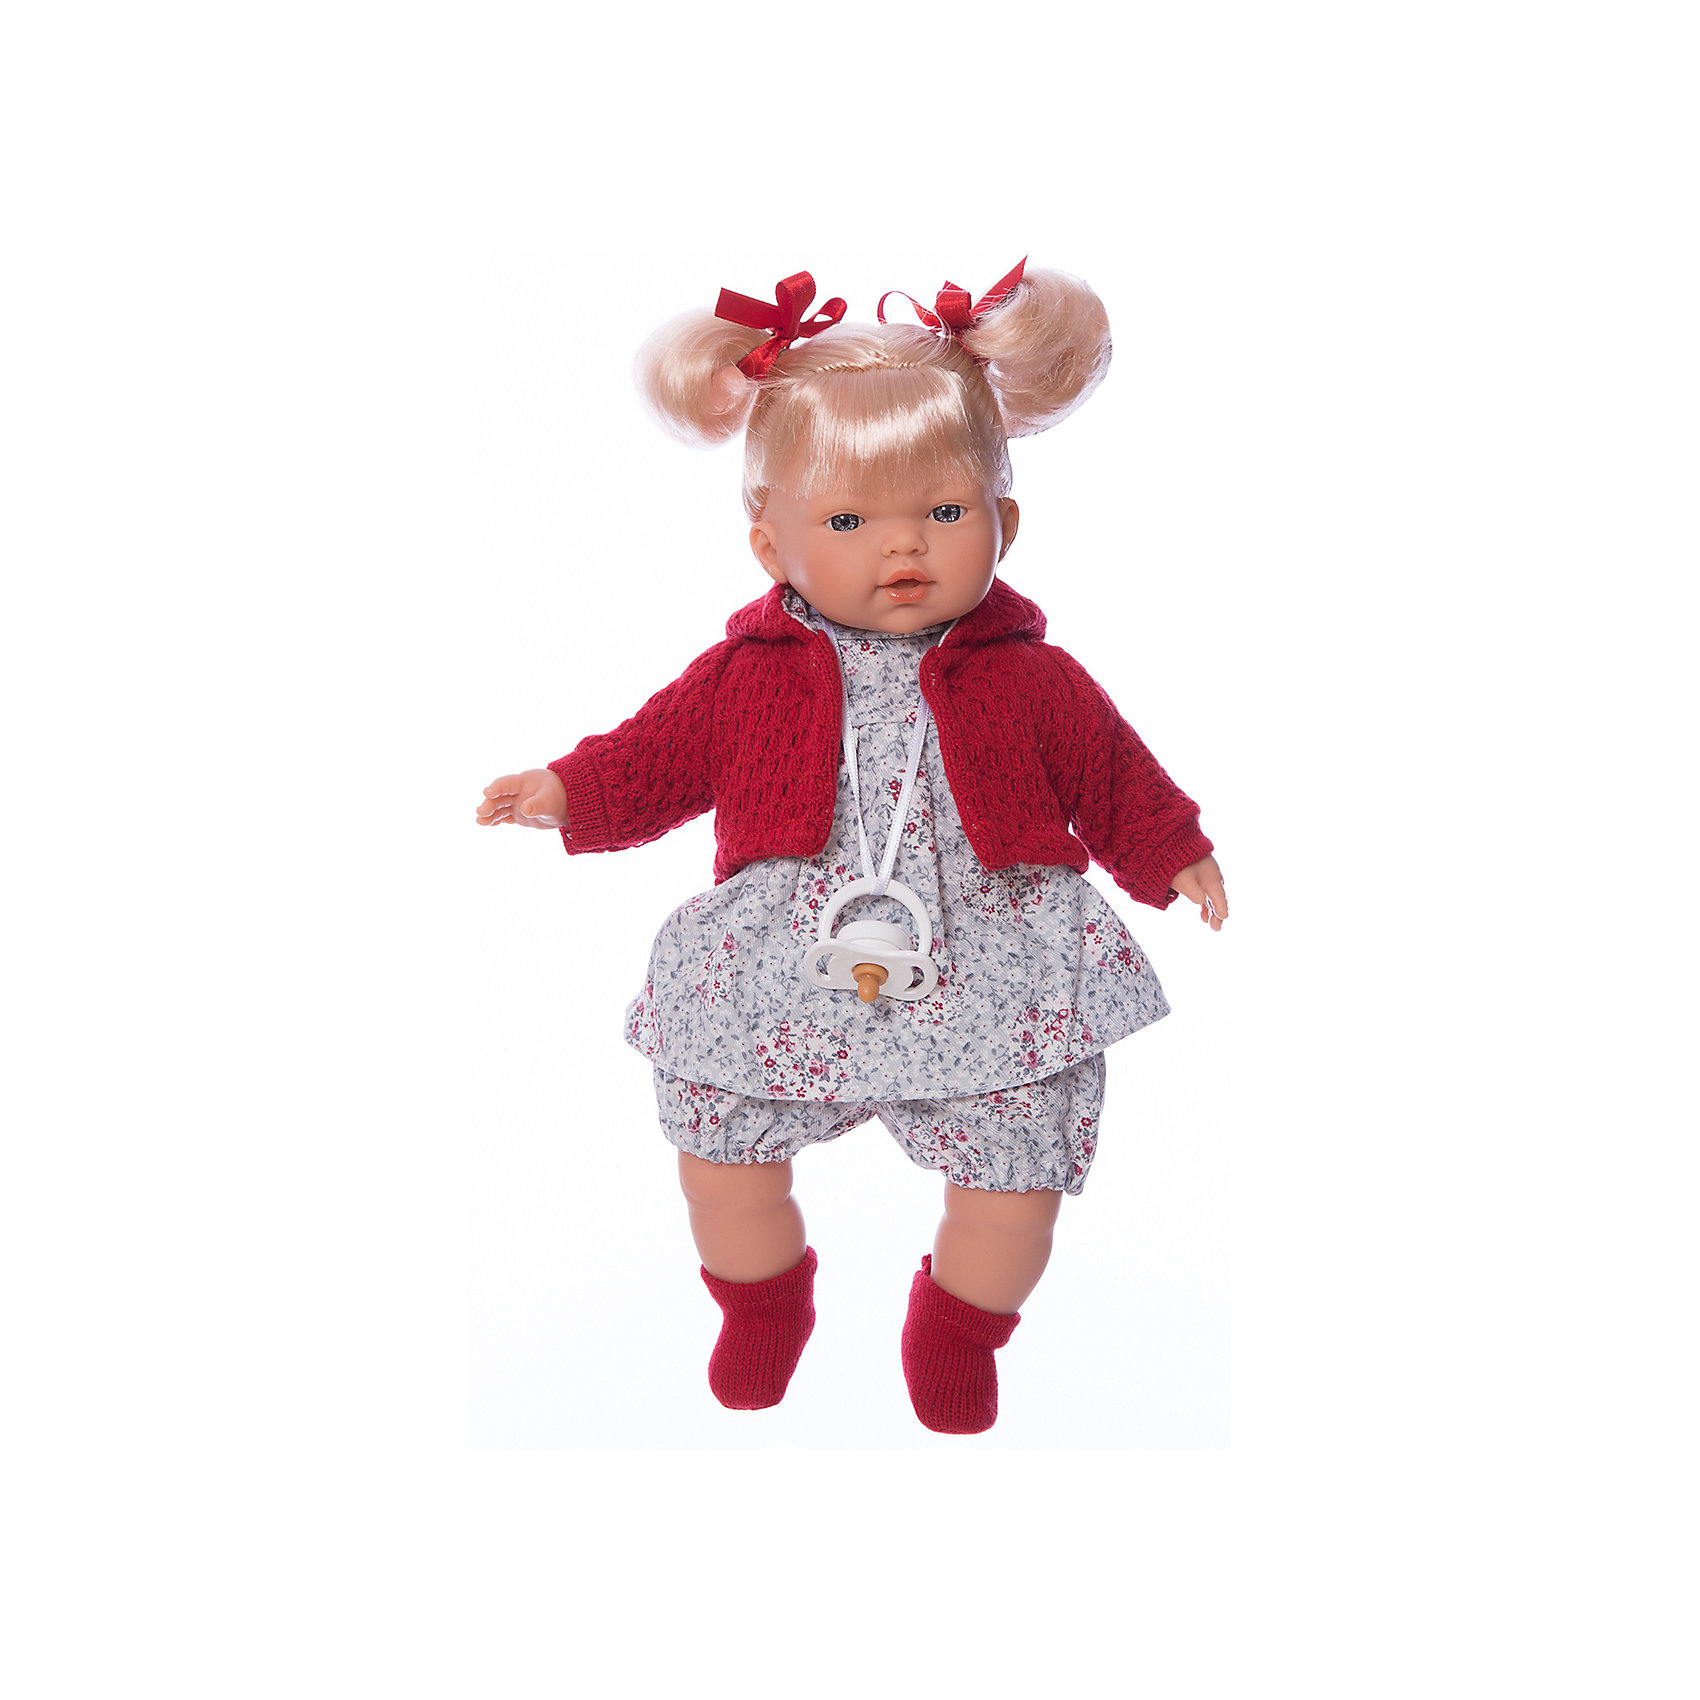 Llorens Кукла Изабела, 33 см, Llorens куклы и одежда для кукол llorens кукла изабела 33 см со звуком